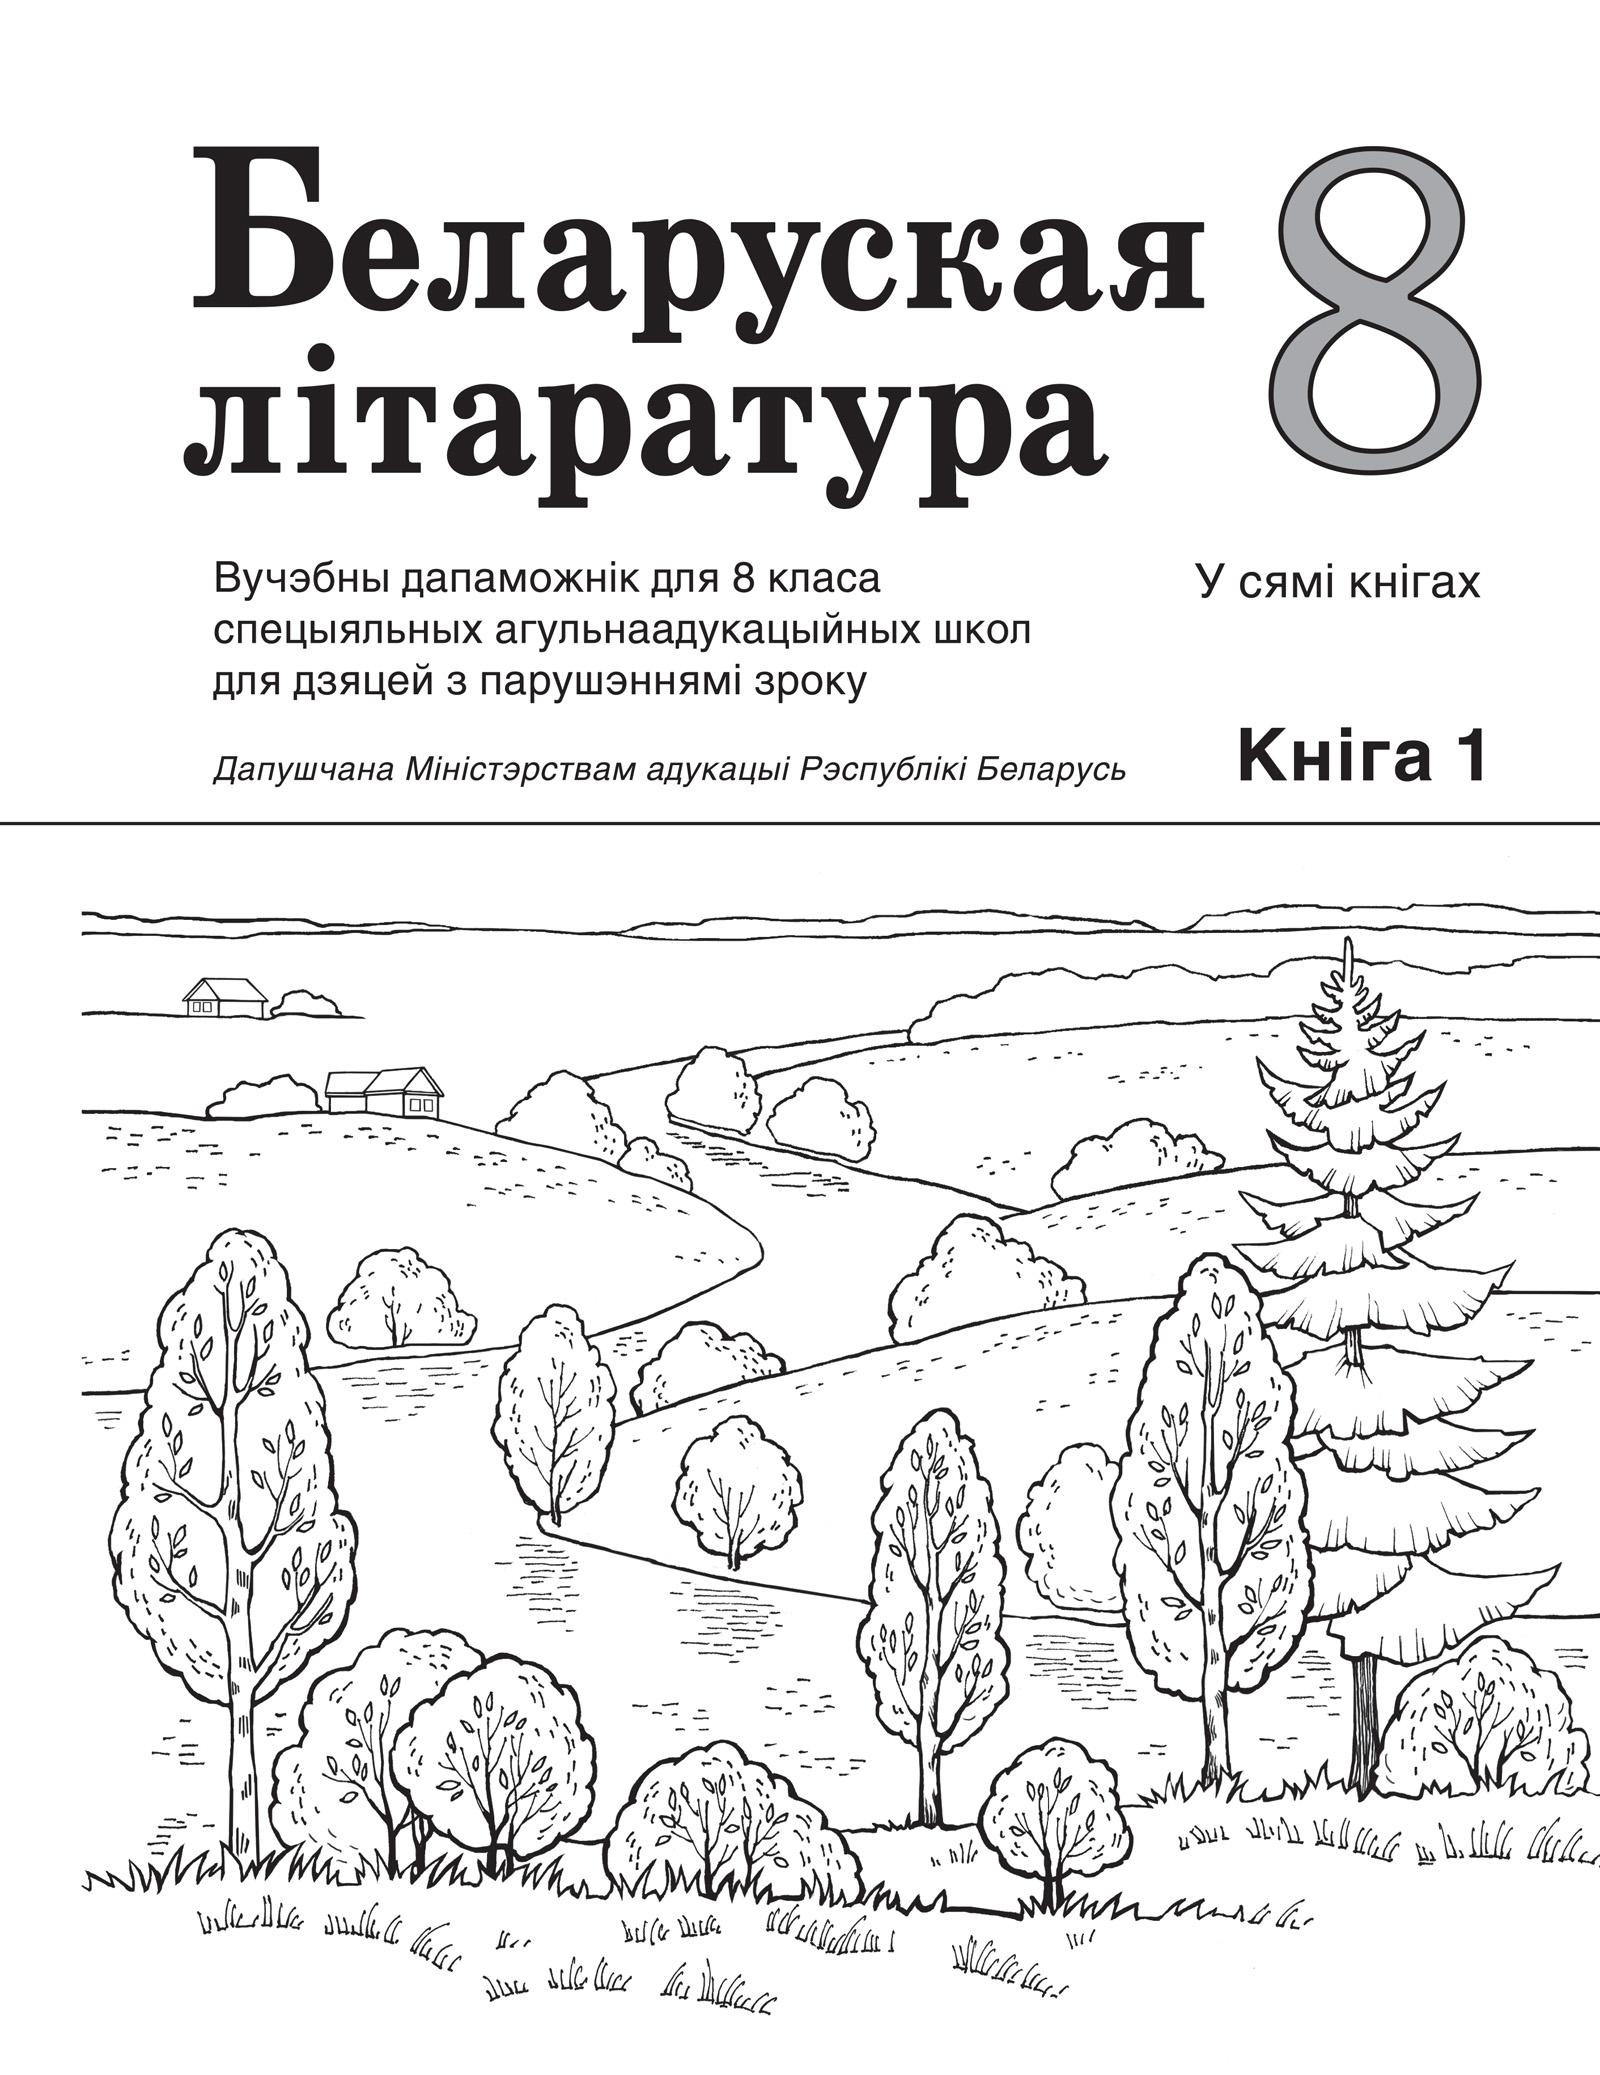 Беларуская літаратура